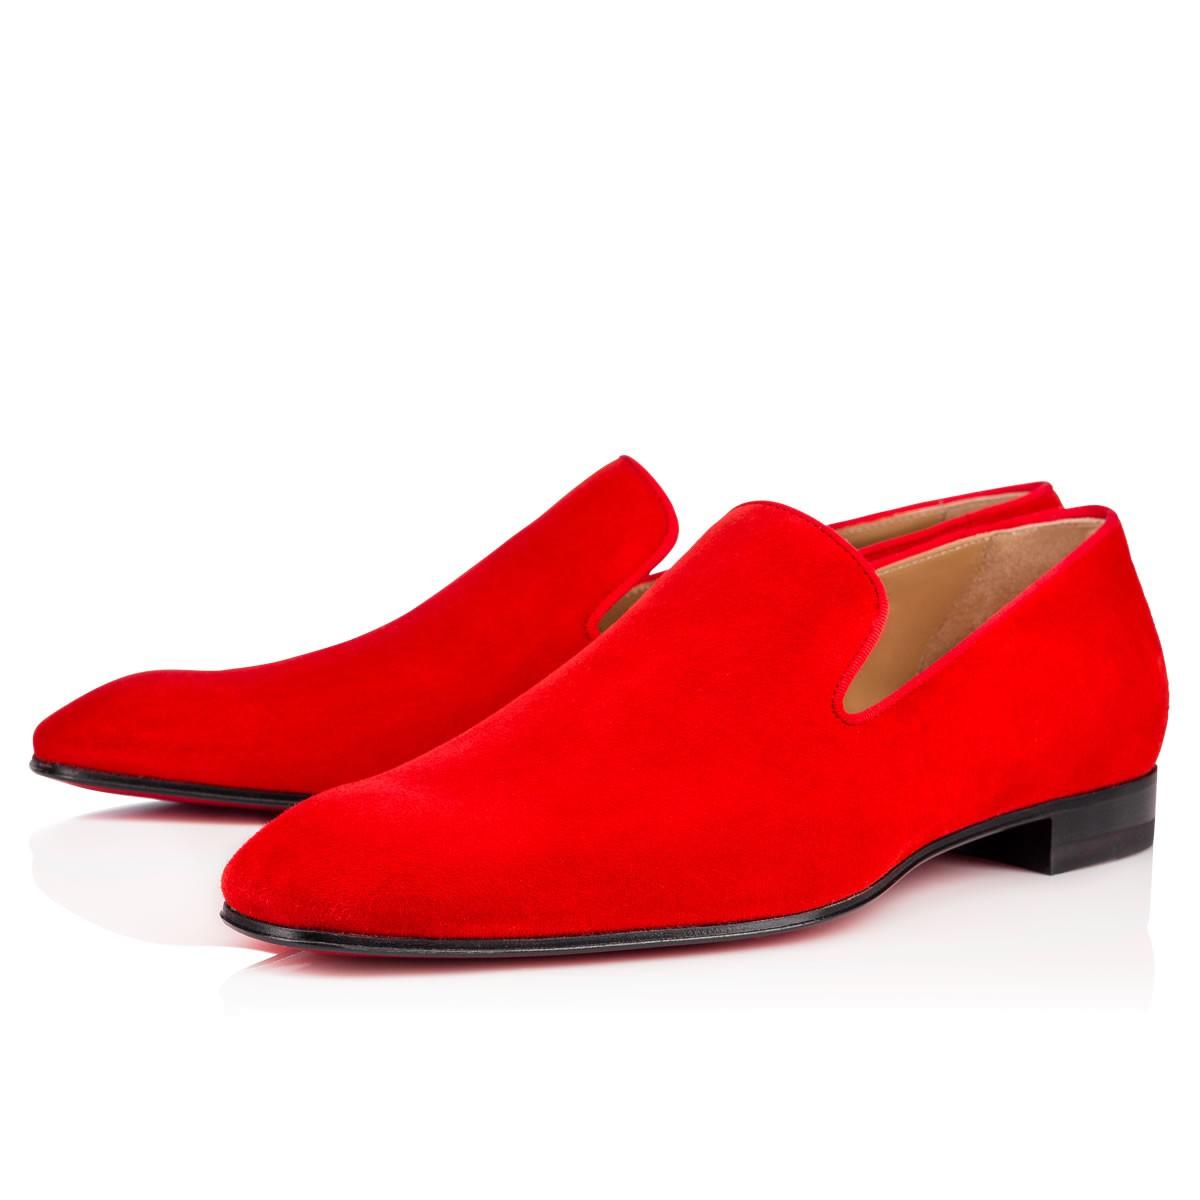 newest collection d0c78 563e4 Dandelion Flat Pavot Suede - Men Shoes - Christian Louboutin